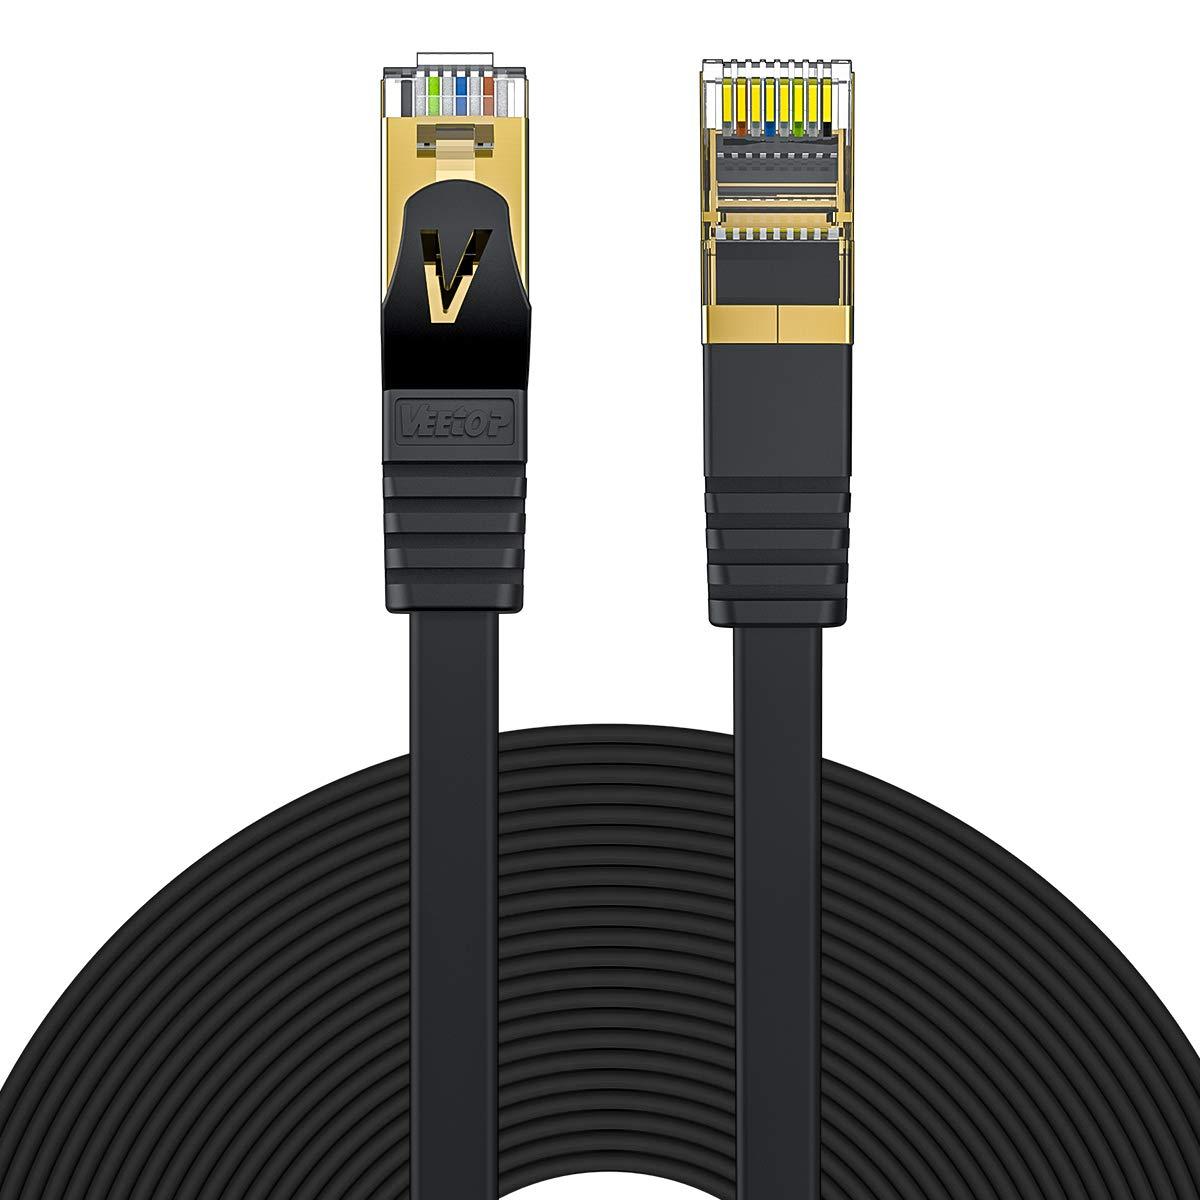 flaches 10Gbps Netzwerkkabel mit vergoldetem RJ45 5m Wei/ß Veetop Cat7 Lankabel